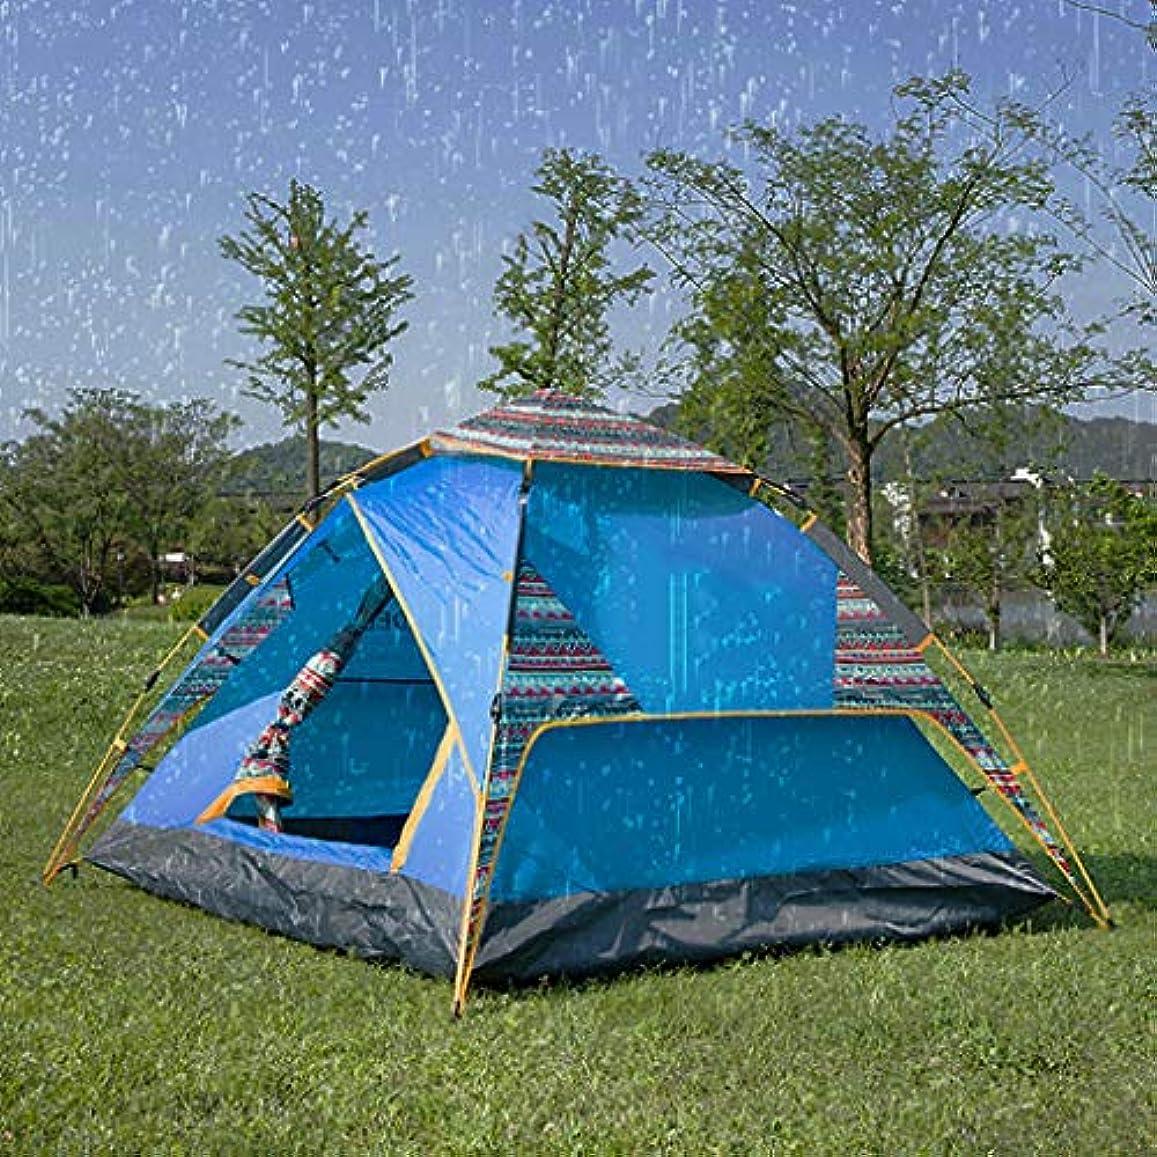 ボランティア後継アンプポップアップテント自動インスタントポータブルビーチテント2-3人用テント付きキャリーバッグ防水UV保護サンシェルターキャンプ用品ハイキングバックパッキング旅行アウトドアアウトドア簡単セットアップブルー